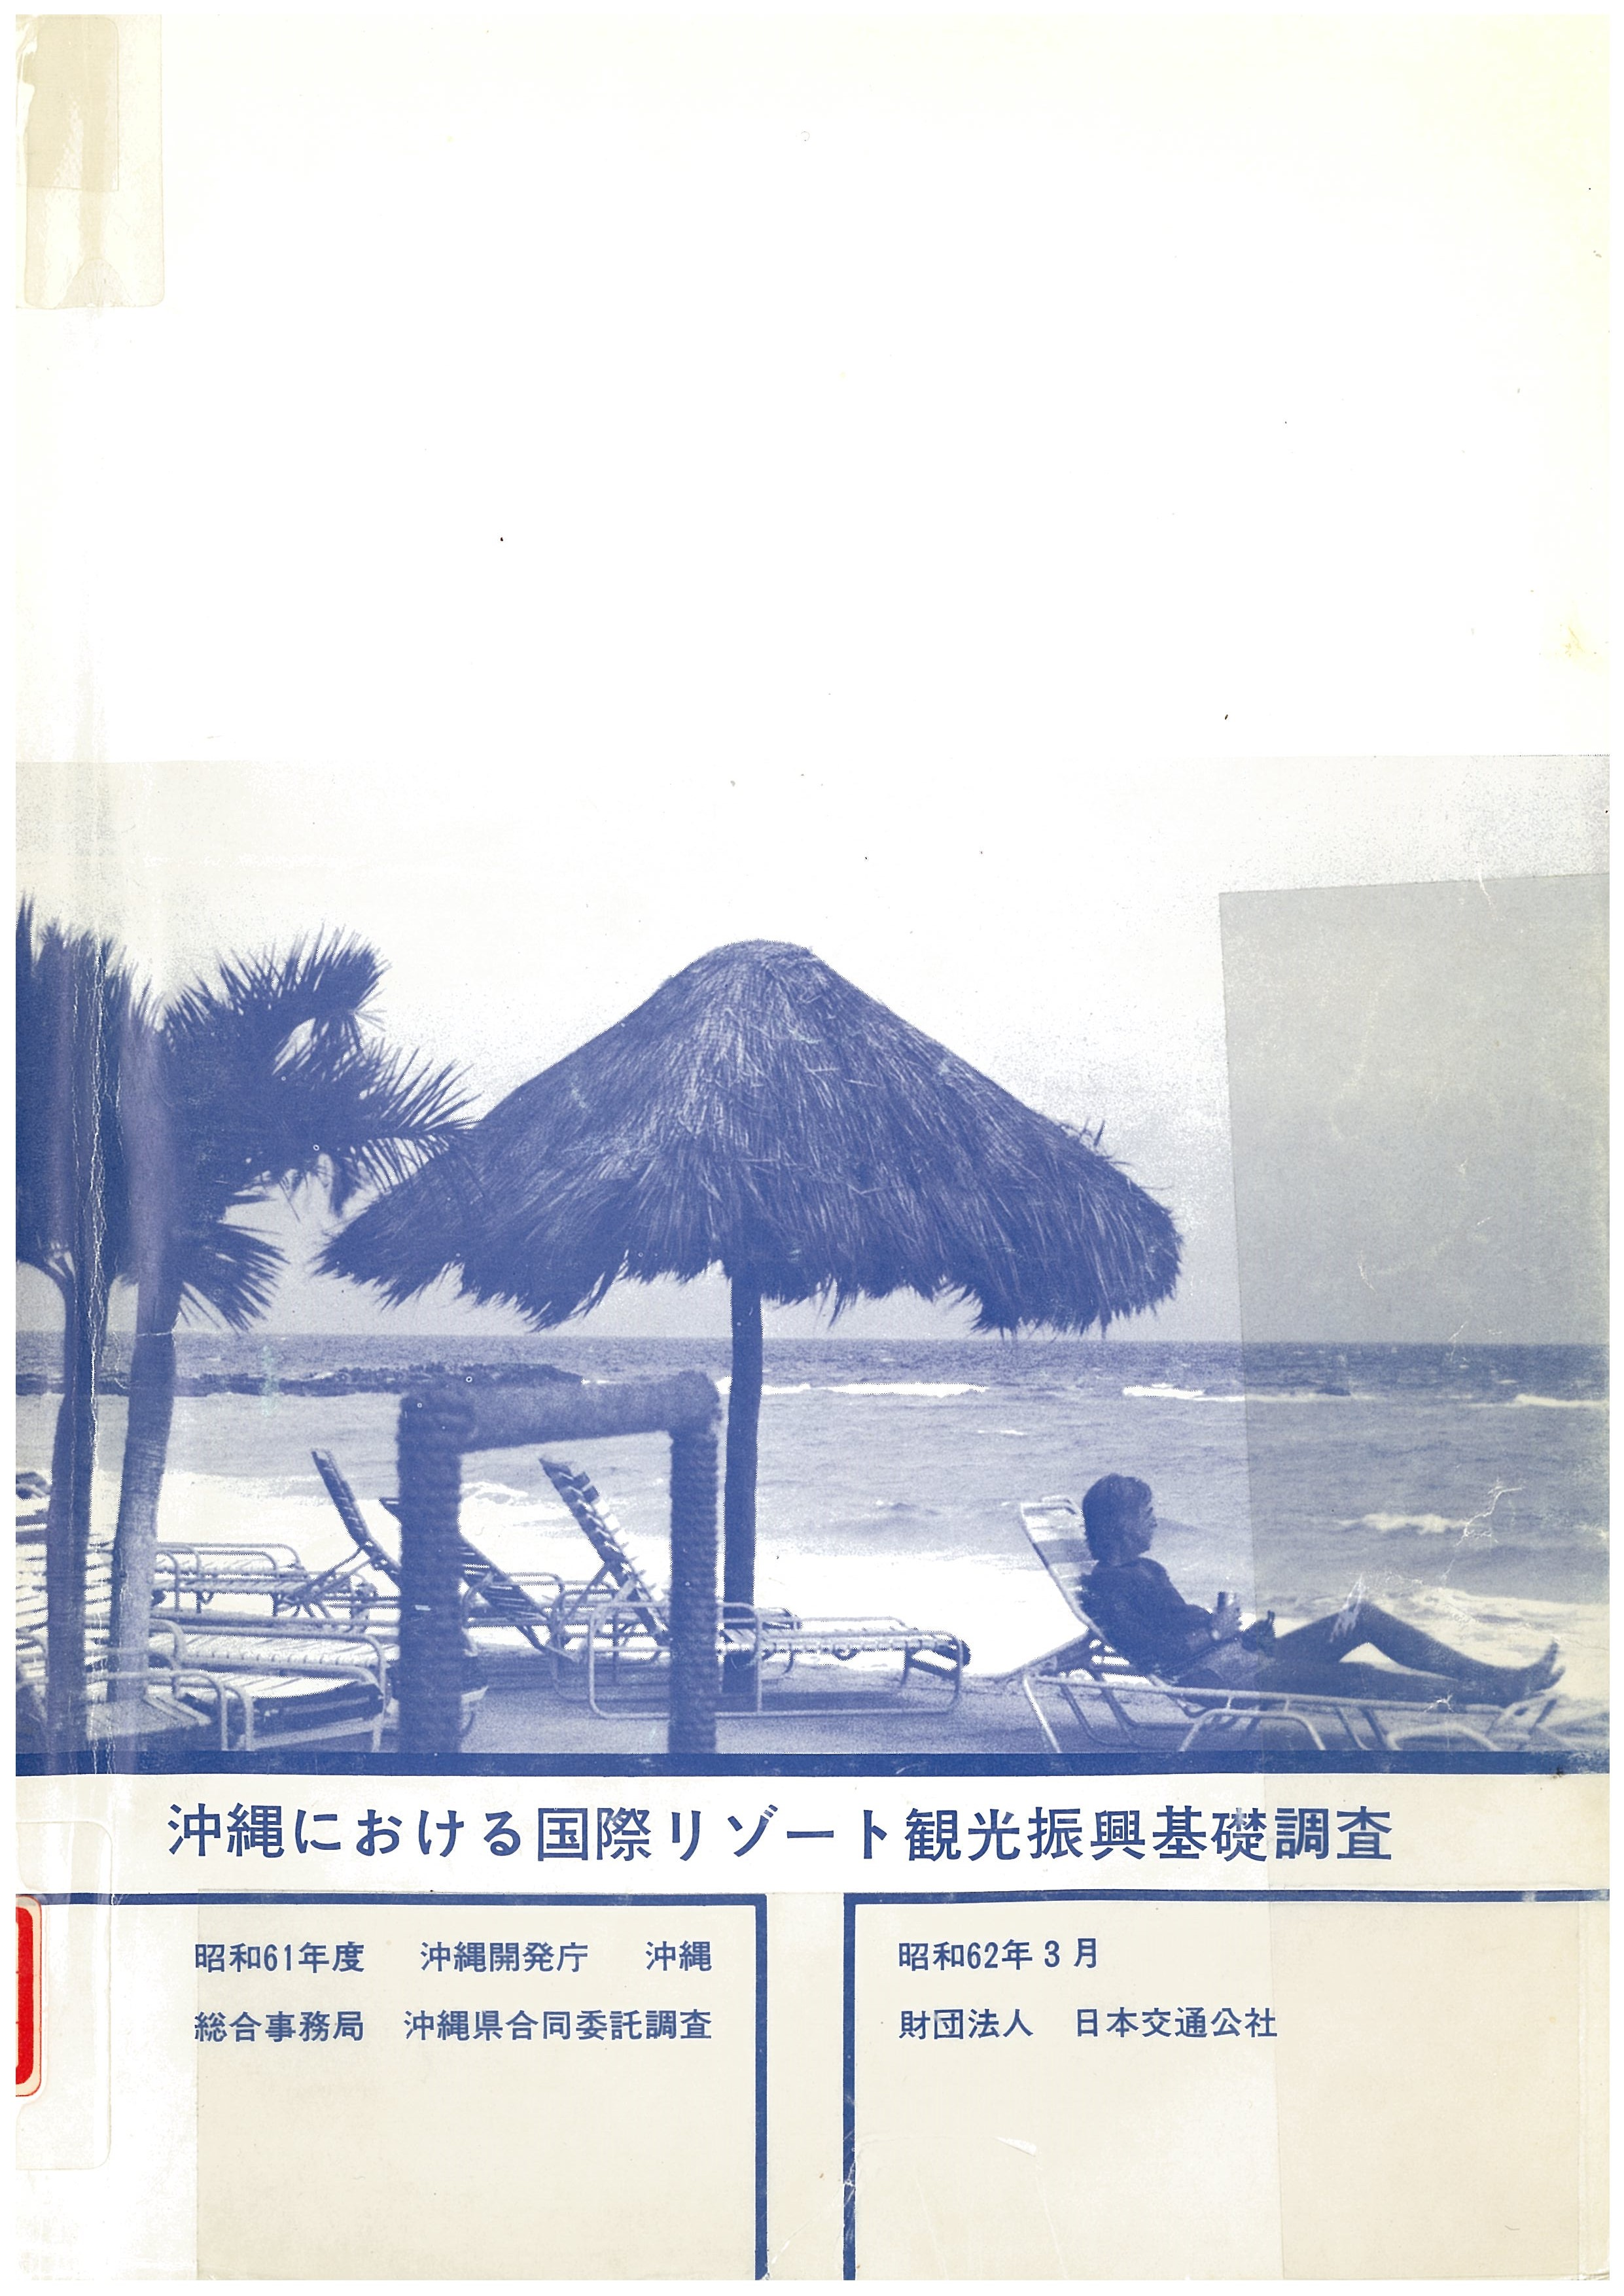 図2 沖縄における国際リゾート観光振興基礎調査、